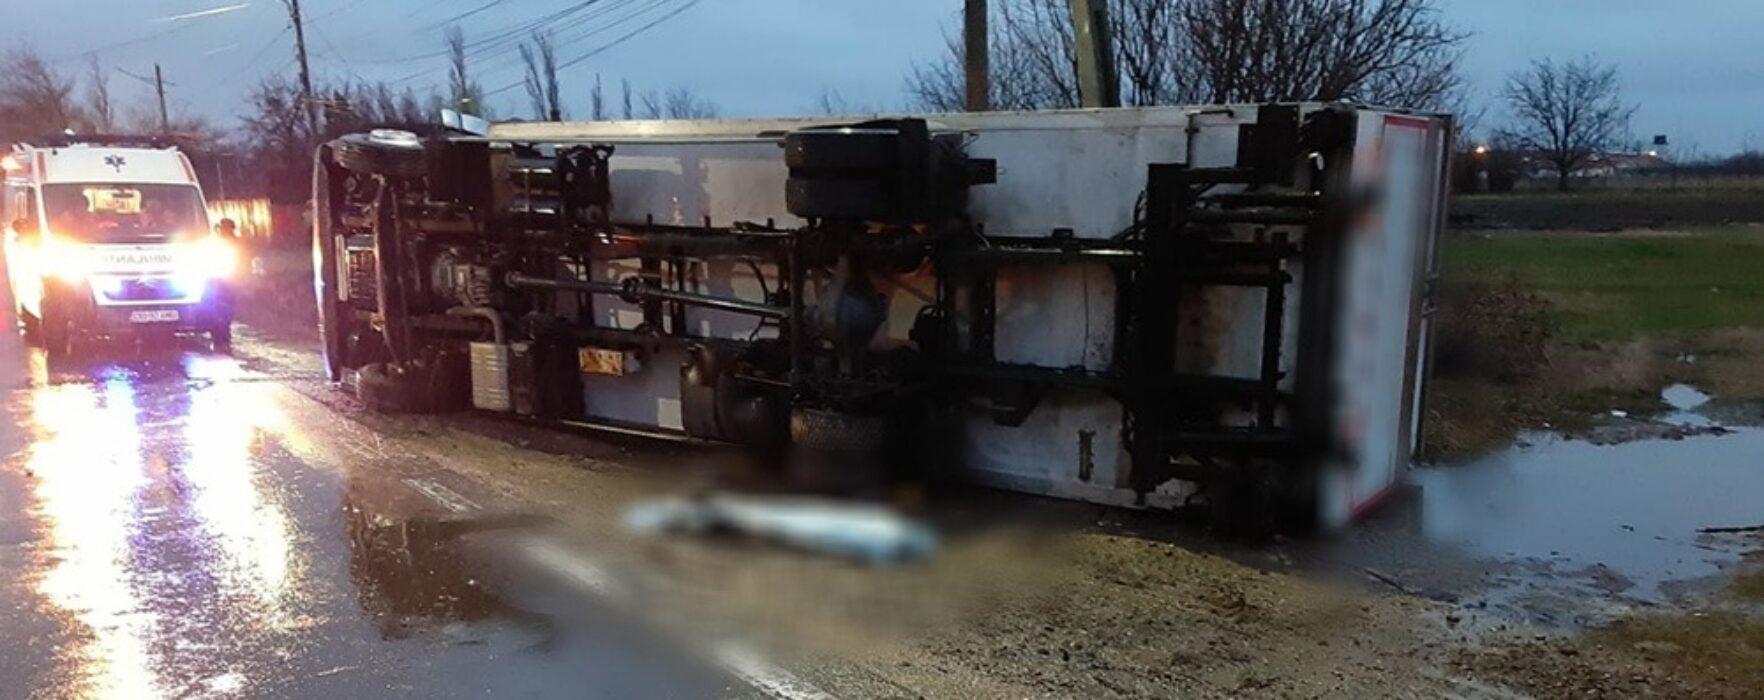 Dâmboviţa: Un TIR a accidentat mortal un pieton, când a fost ridicat autovehiculul a mai fost găsită o persoană decedată